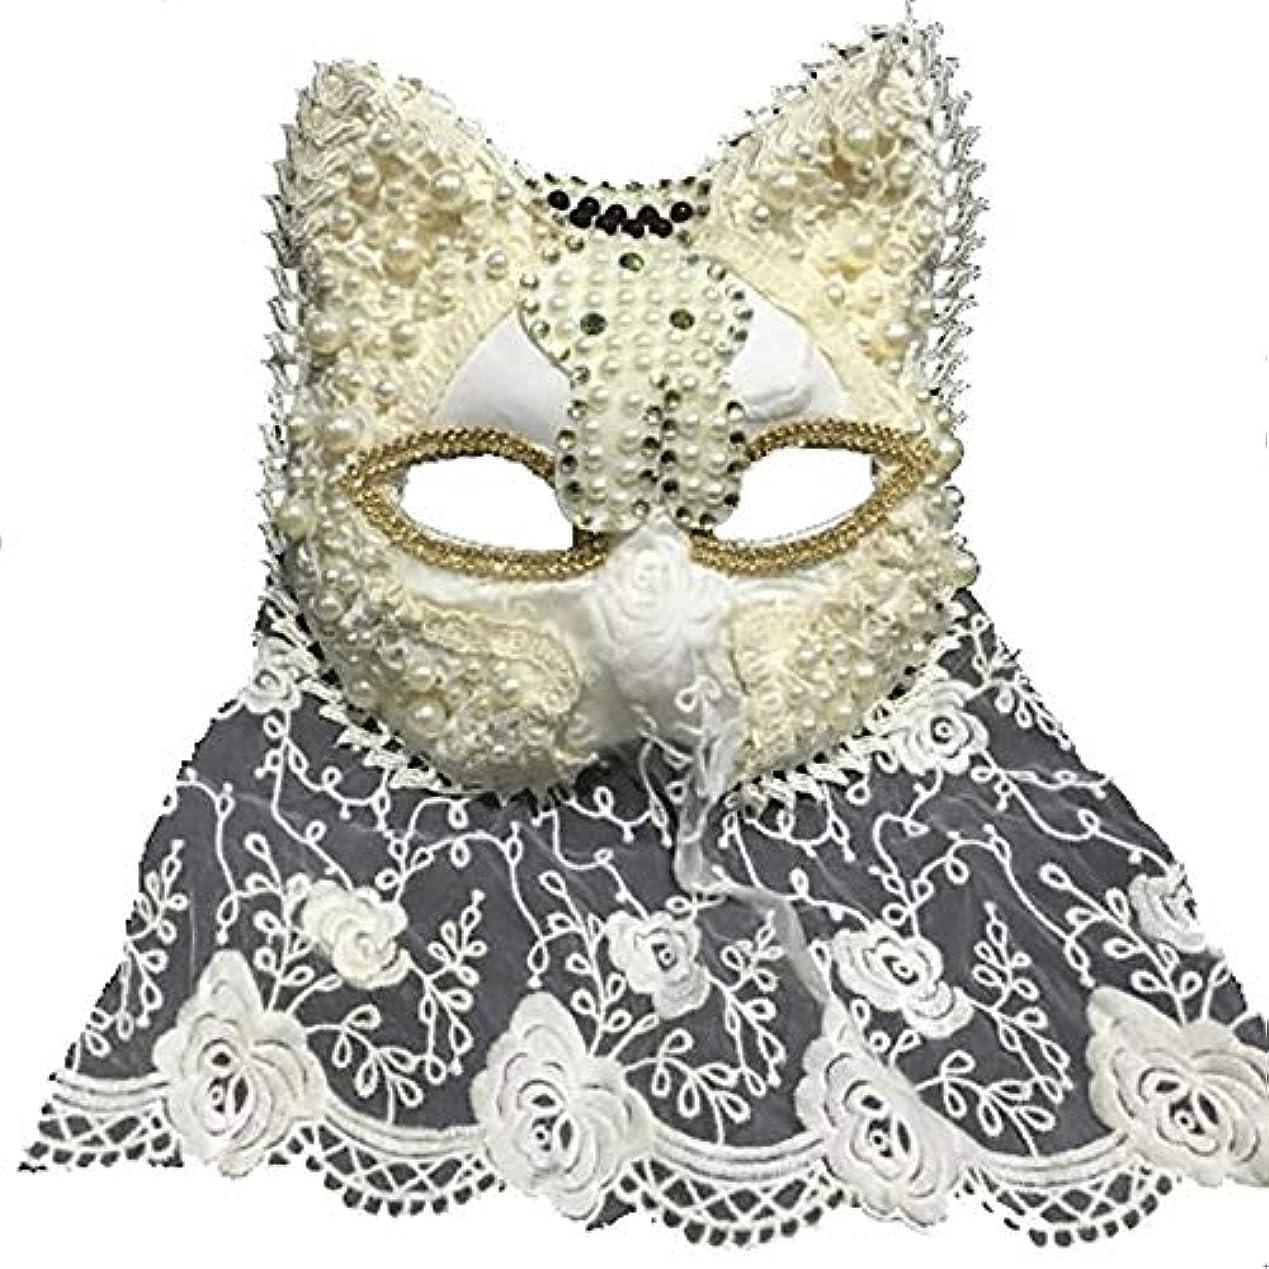 ペアマイクロ後ろにNanle ハロウィーンクリスマスフリンジフェザーフラワークリスタルビーズマスク仮装マスクレディミスプリンセス美容祭パーティーデコレーションマスク (色 : Style F)